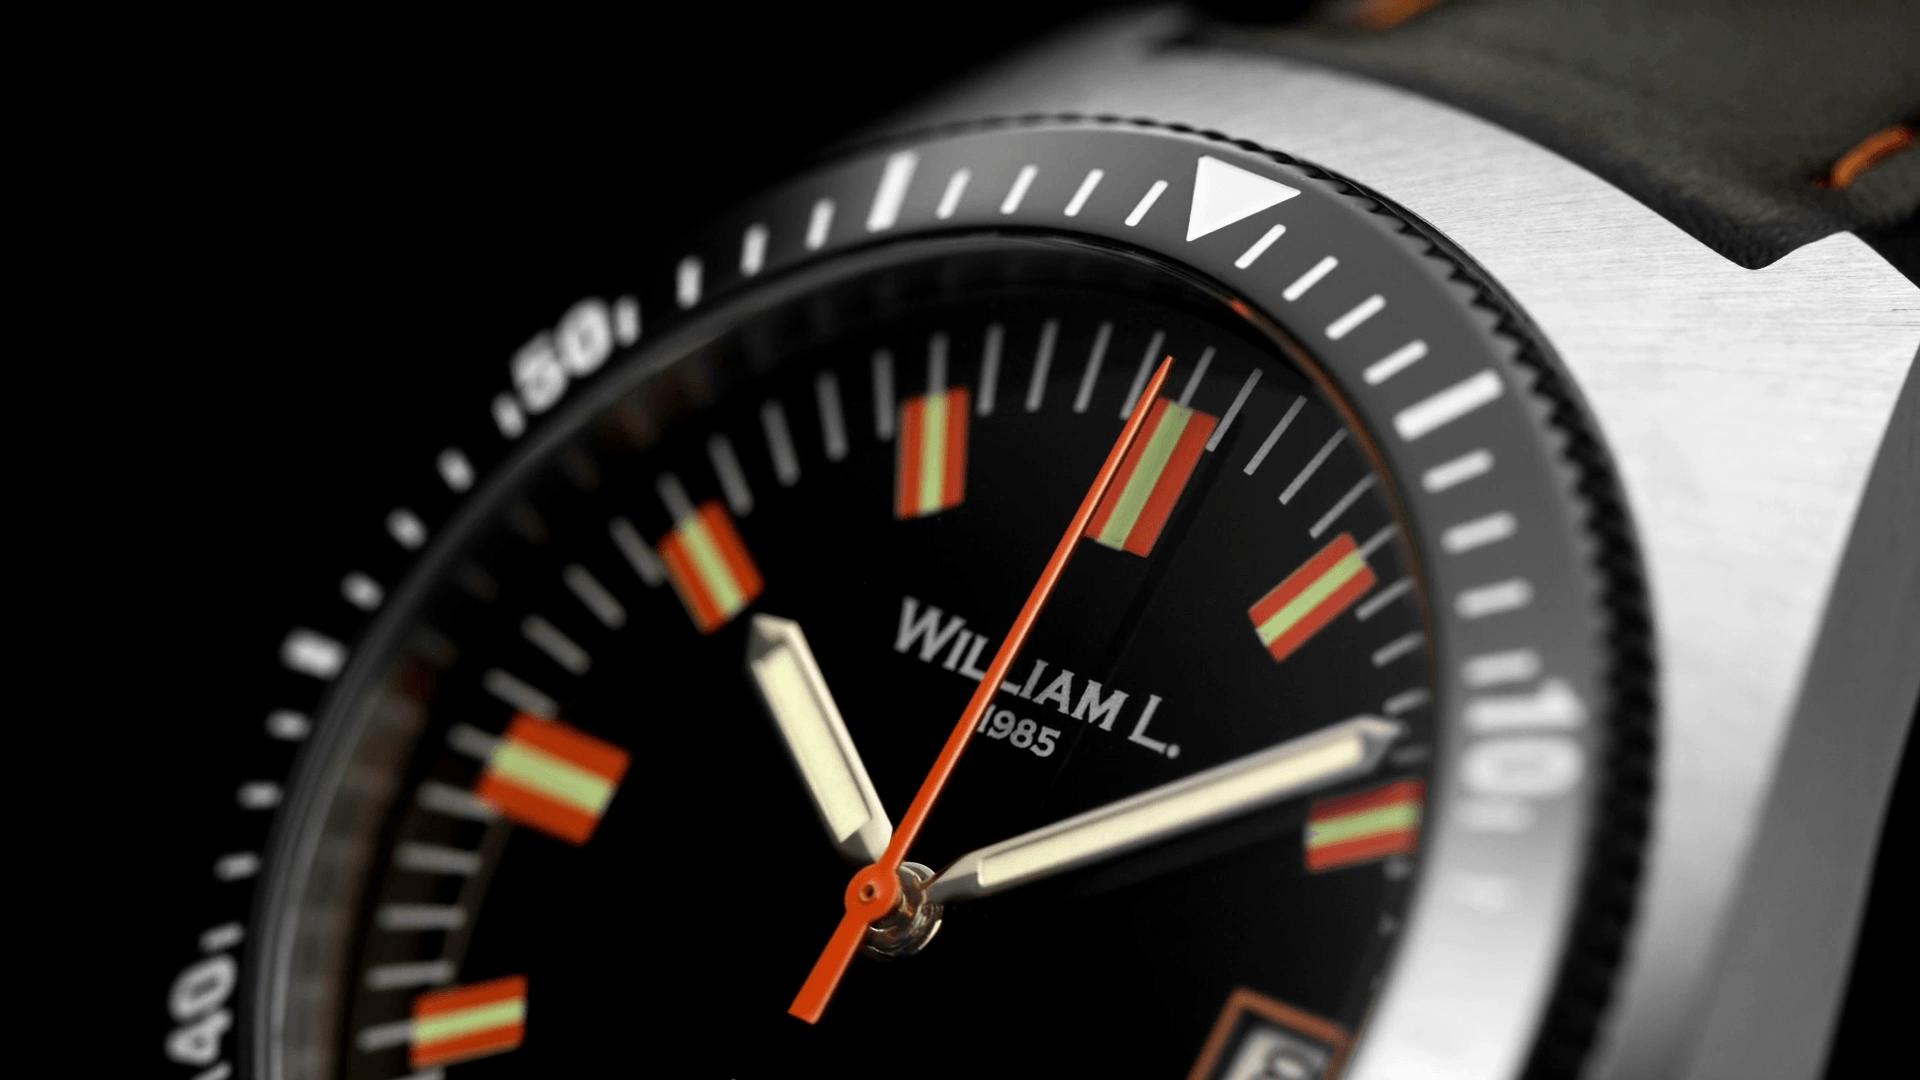 William L Automatic Diver caseAutomatic Vintage Diver 70's - Dial